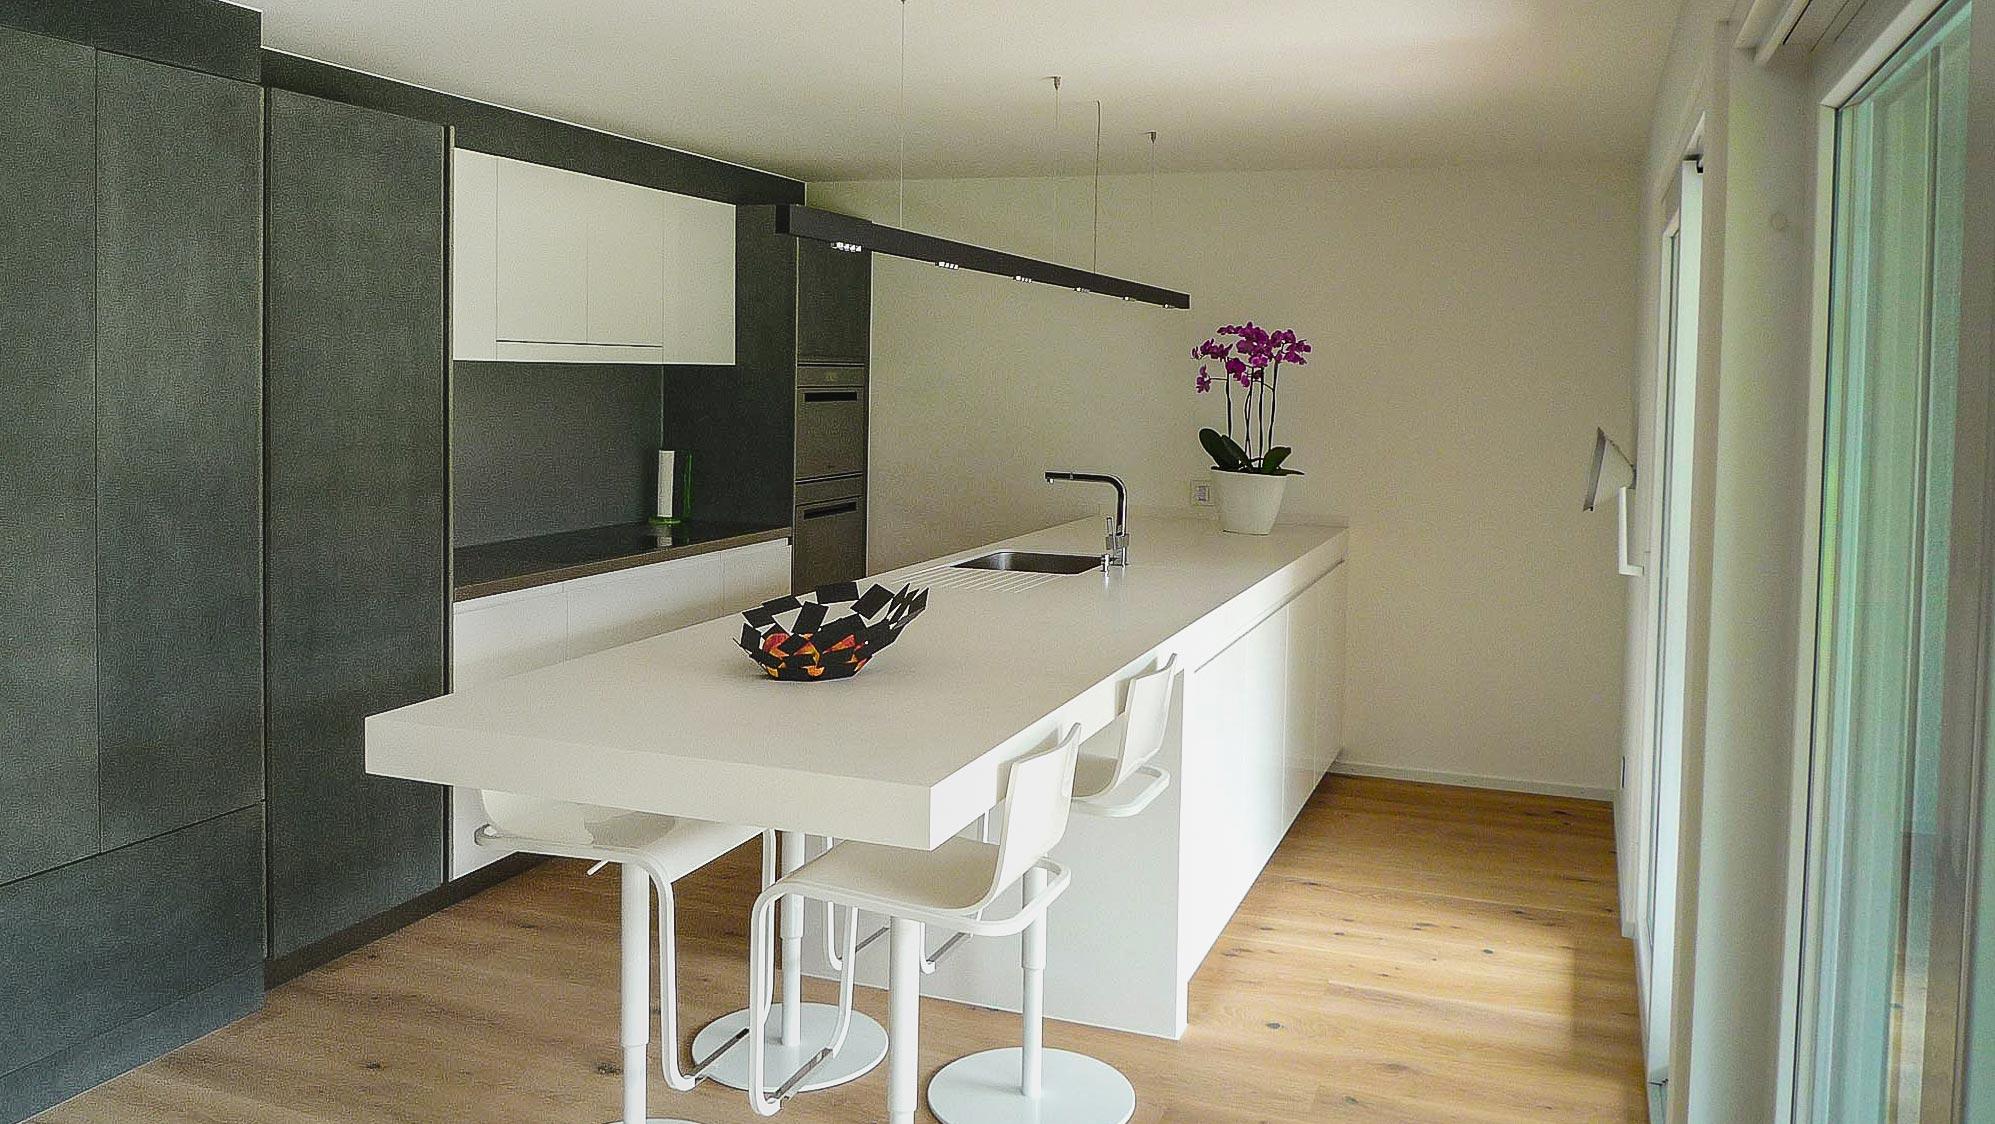 ES Bru 3680 cuisine hor 20 05 018Lr0 - Une cuisine simple et fonctionnelle à Fully (Bj)